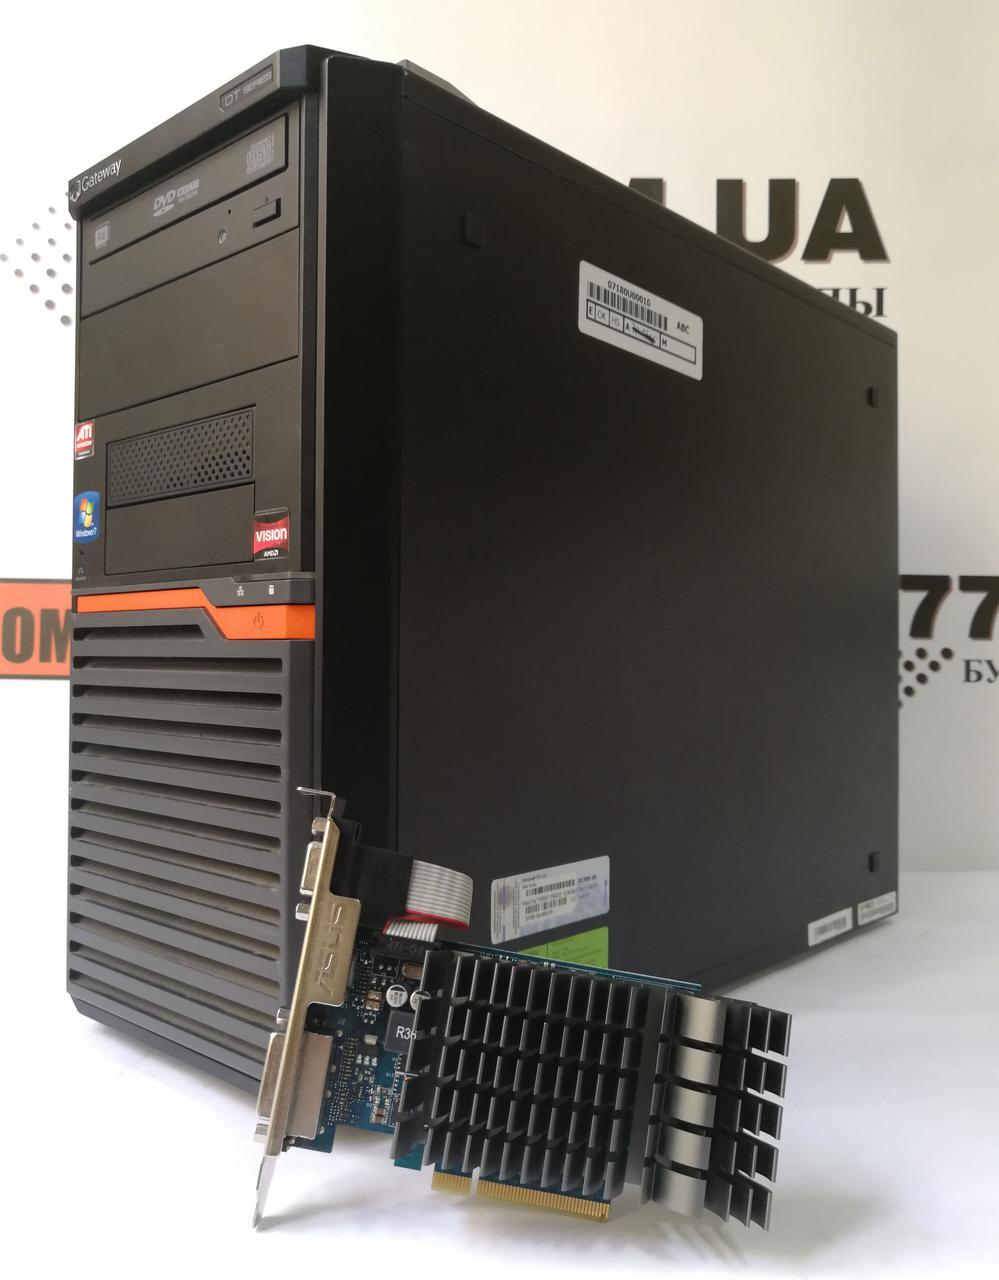 Игровой компьютер Gateway DT55, AMD Athlon II x2 3.0GHz, RAM 4ГБ, HDD 250ГБ, GeForce GT 730 1ГБ